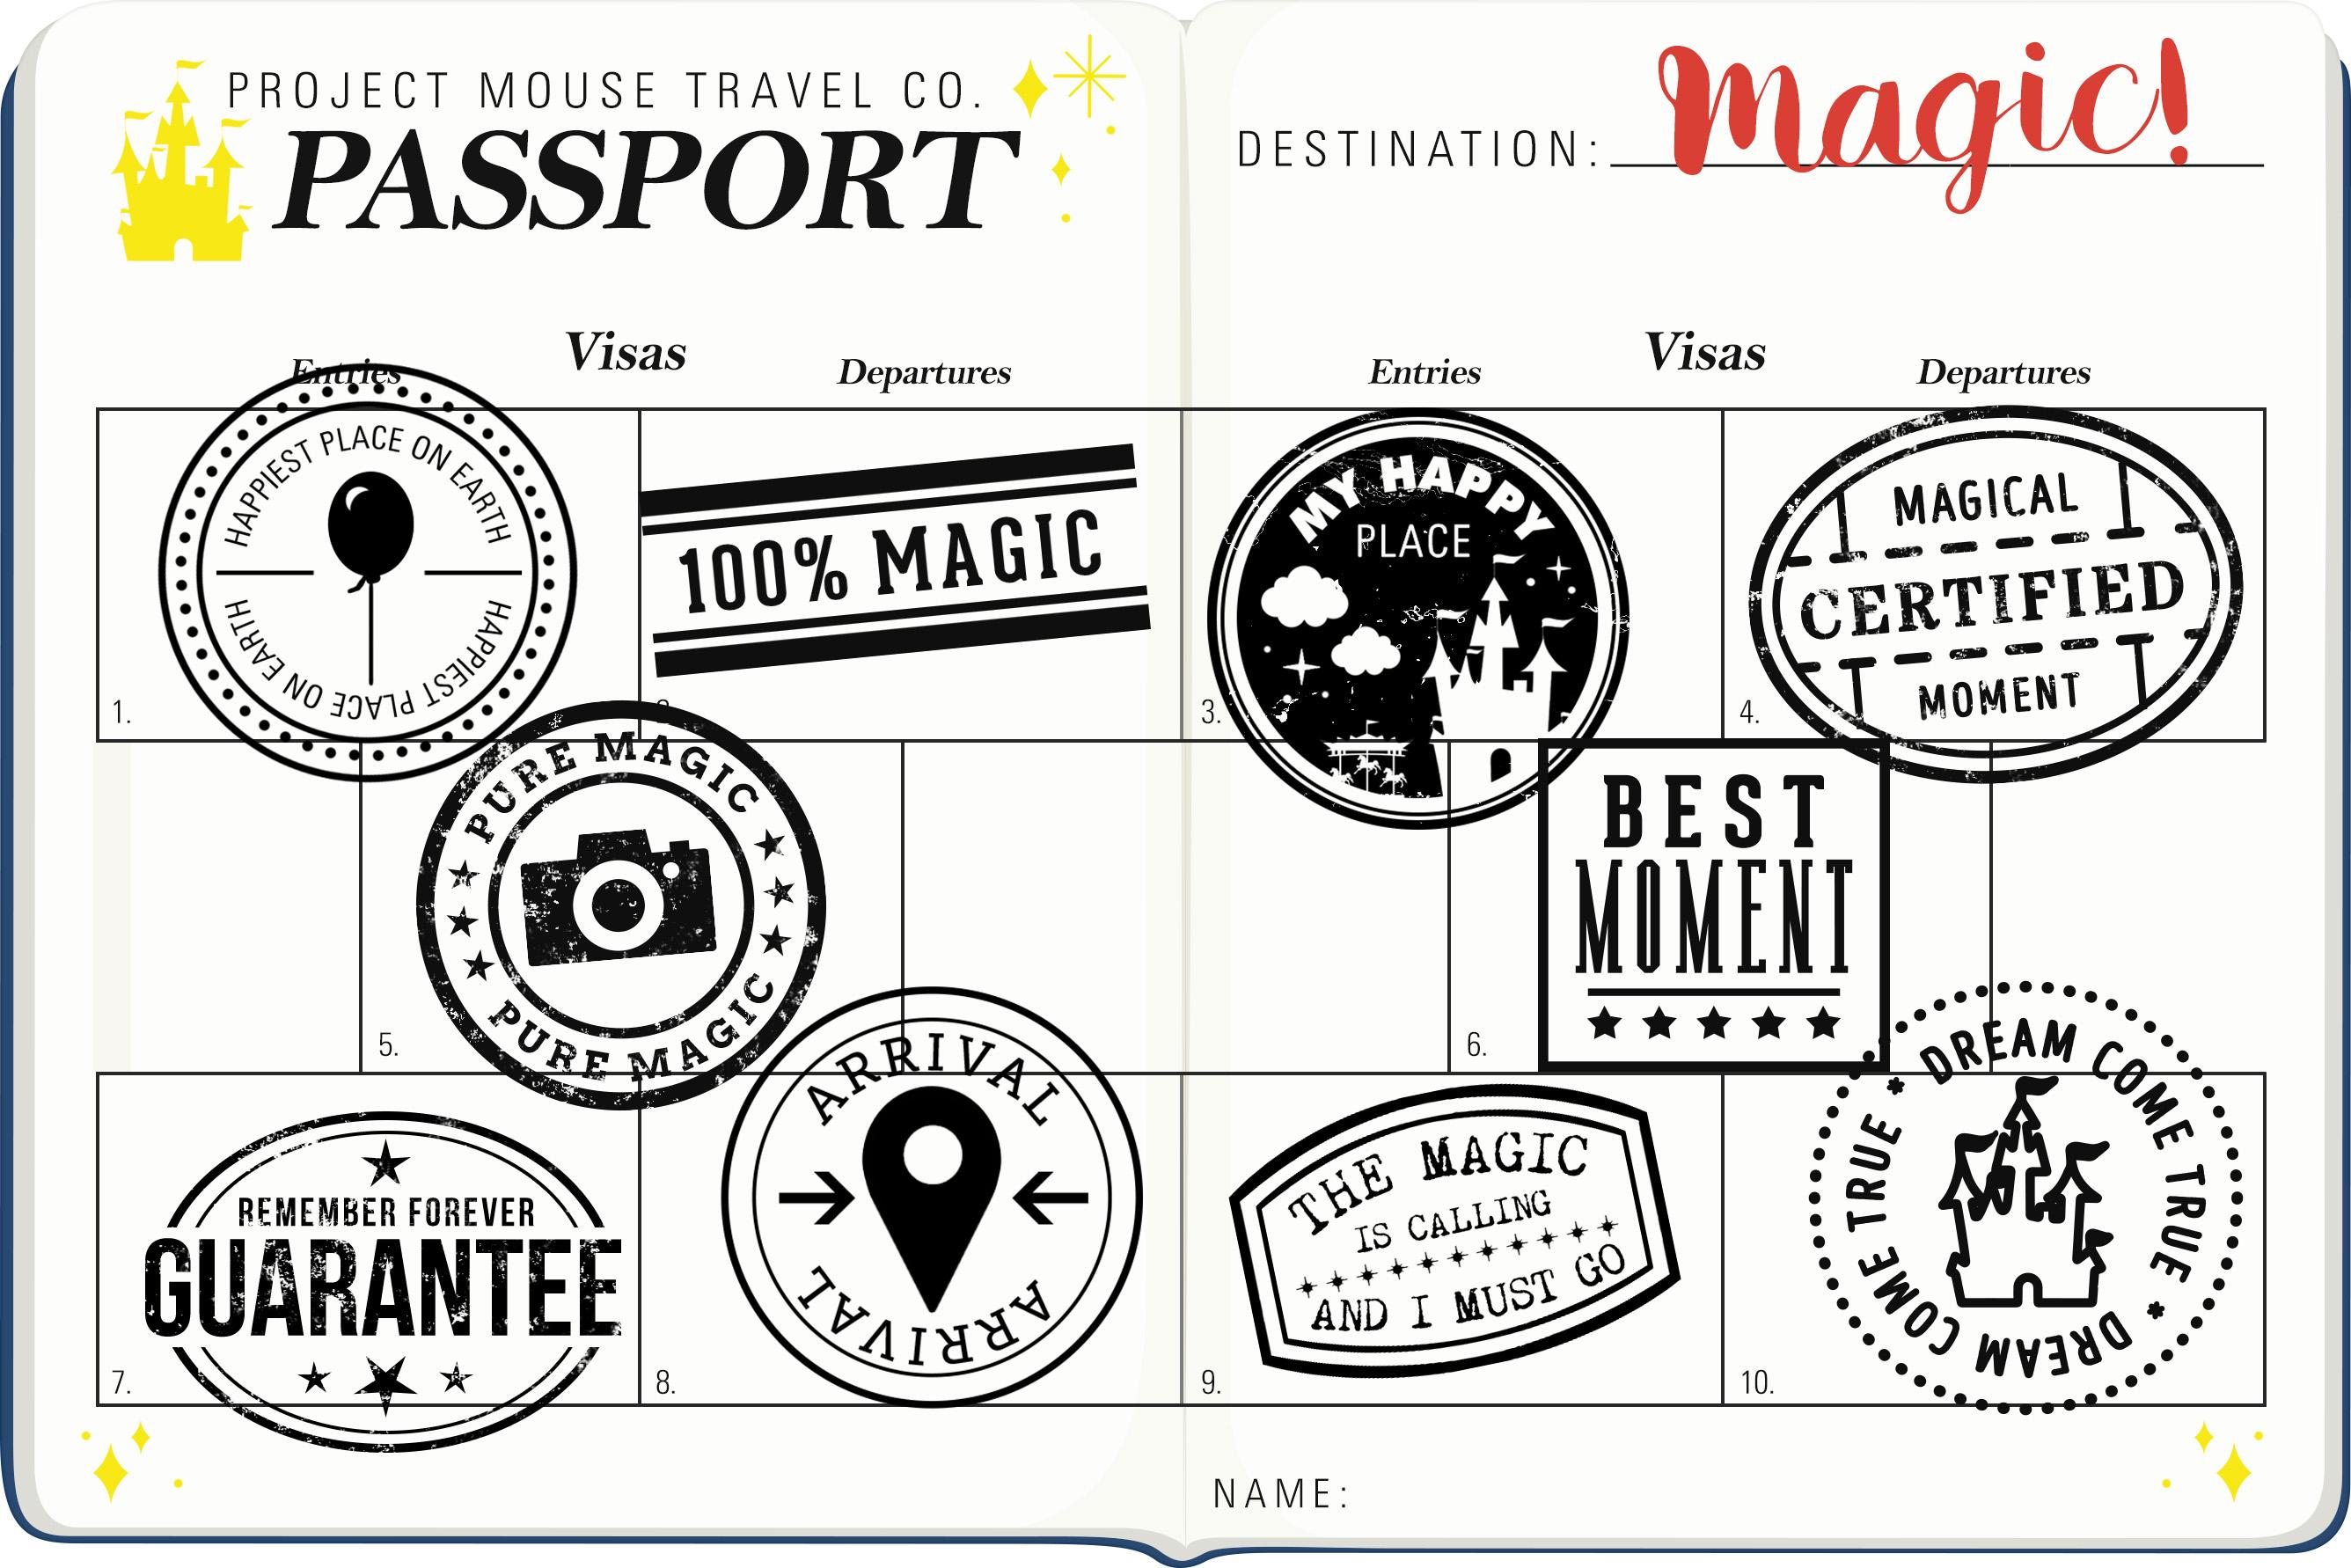 pm_stamps_passport.jpg